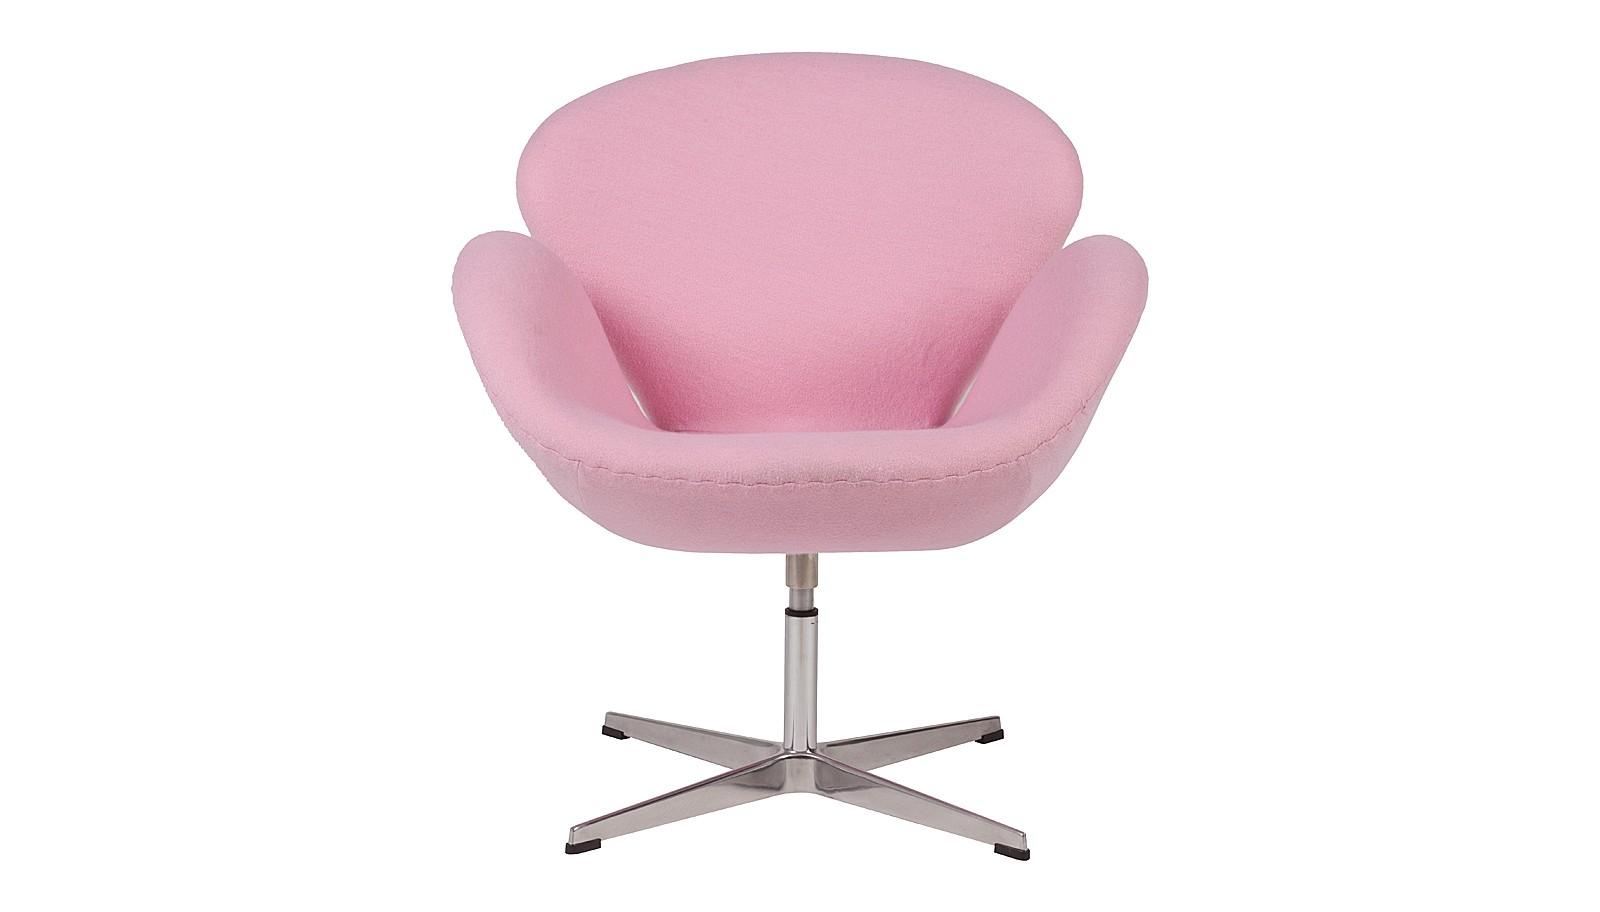 Кресло Swan ChairИнтерьерные кресла<br>Легендарное кресло известного архитектора Анре Якобсена создавалось для холла отеля, но быстро переместилось в жилые интерьеры. В форме и очертаниях стула угадывается плавный силуэт лебедя. Каждый его составной элемент — тонкая проекция образа грациозной птицы. Бренд DG Home облачил &amp;quot;Swan Chair&amp;quot; в нежно-розовую обивку, подчеркнув некую хрупкость и изящество предмета.<br><br>Material: Шерсть<br>Width см: 70<br>Depth см: 71<br>Height см: 78